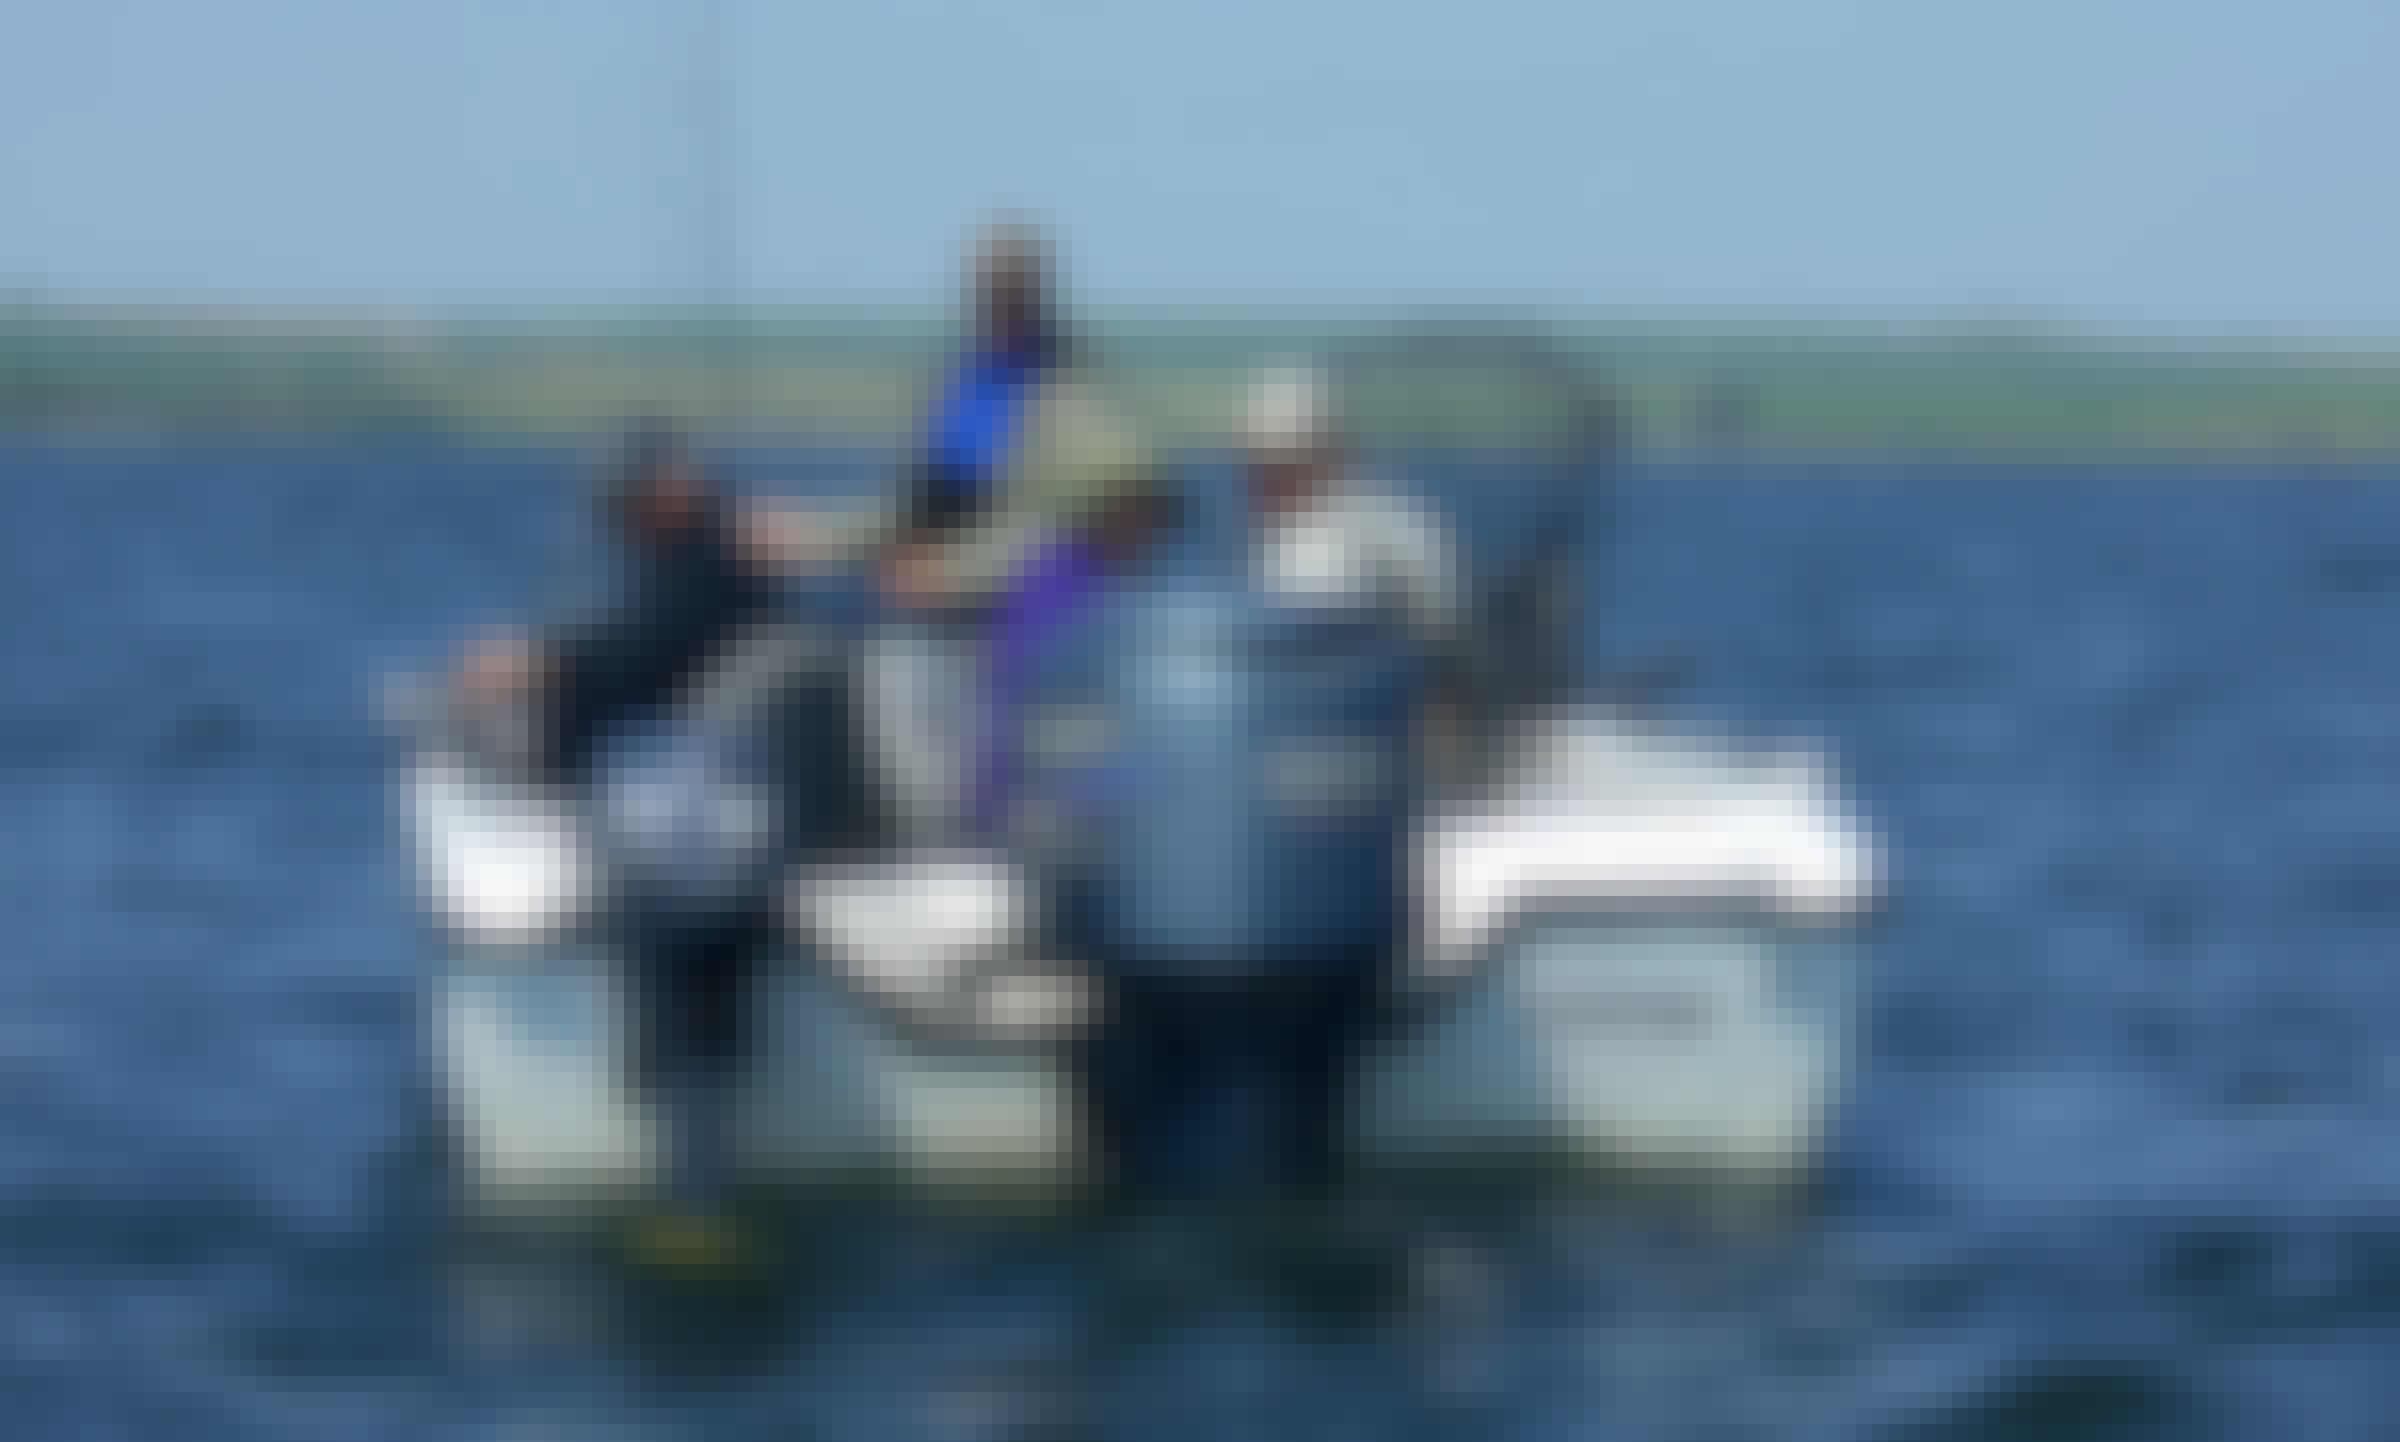 21' Walleye Fishing Guide Boat In North Dakota